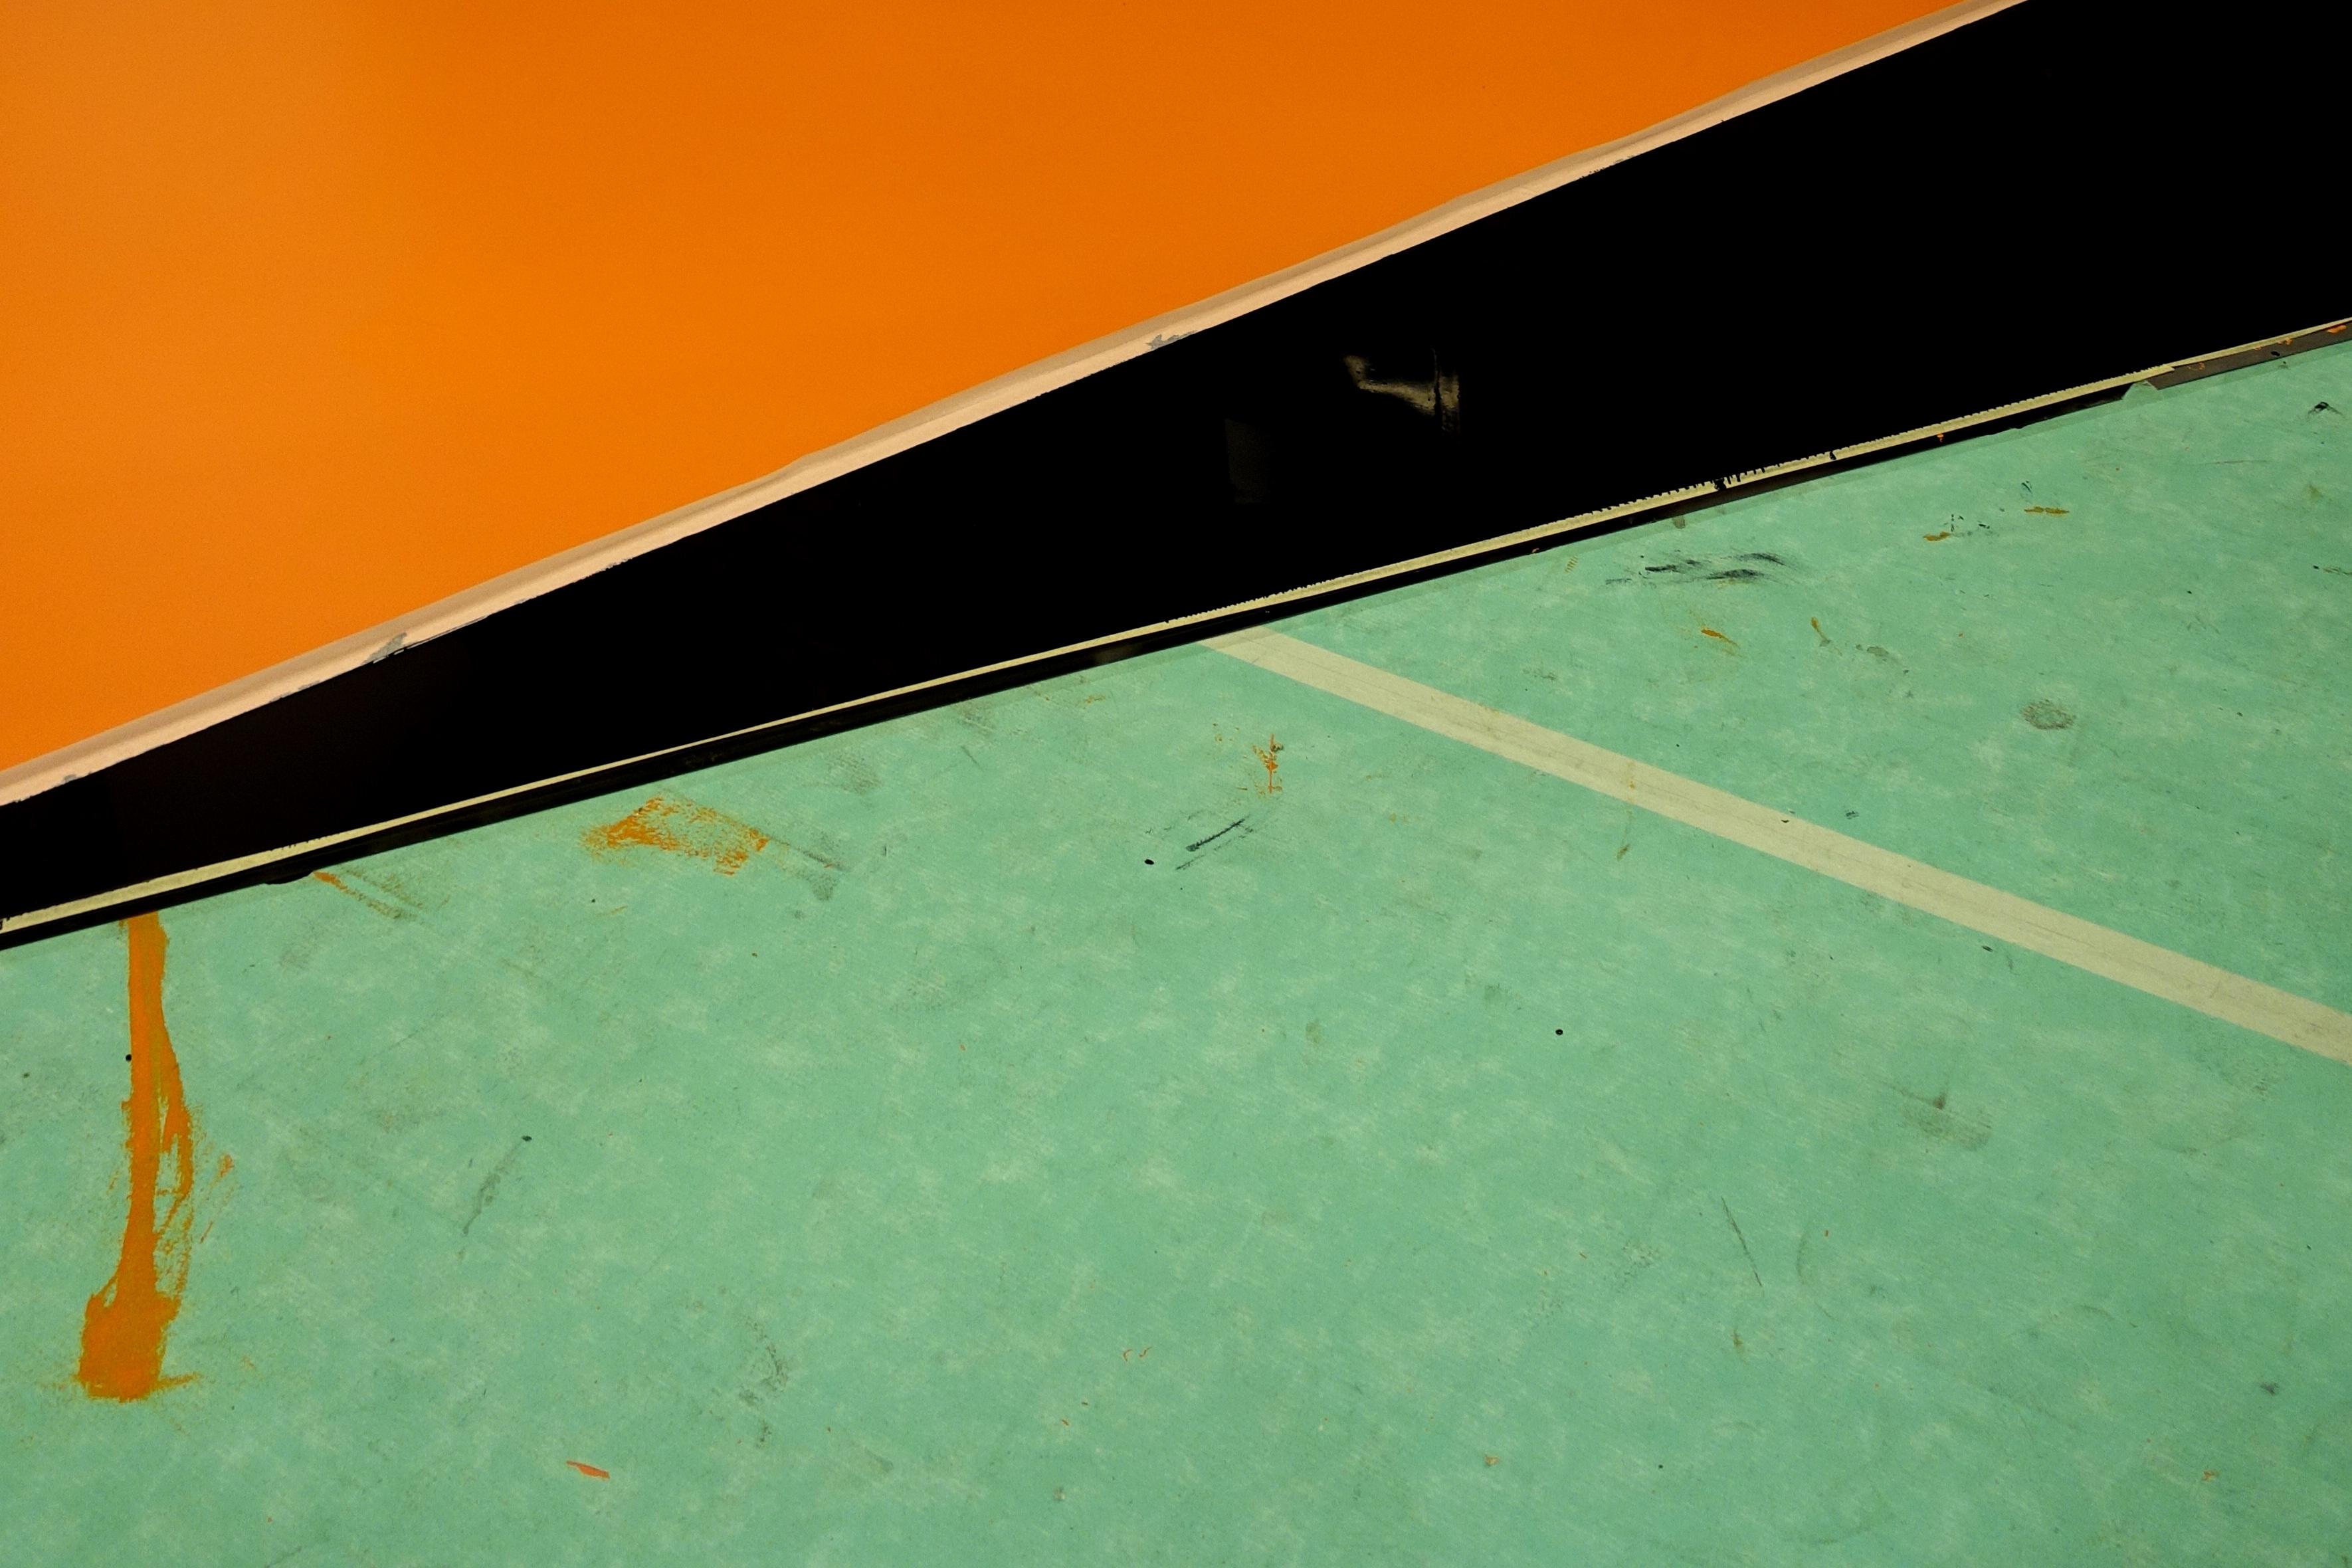 Ordentlich Kostenlose foto : Tabelle, Flügel, abstrakt, Struktur, Holz, Stock  GO07